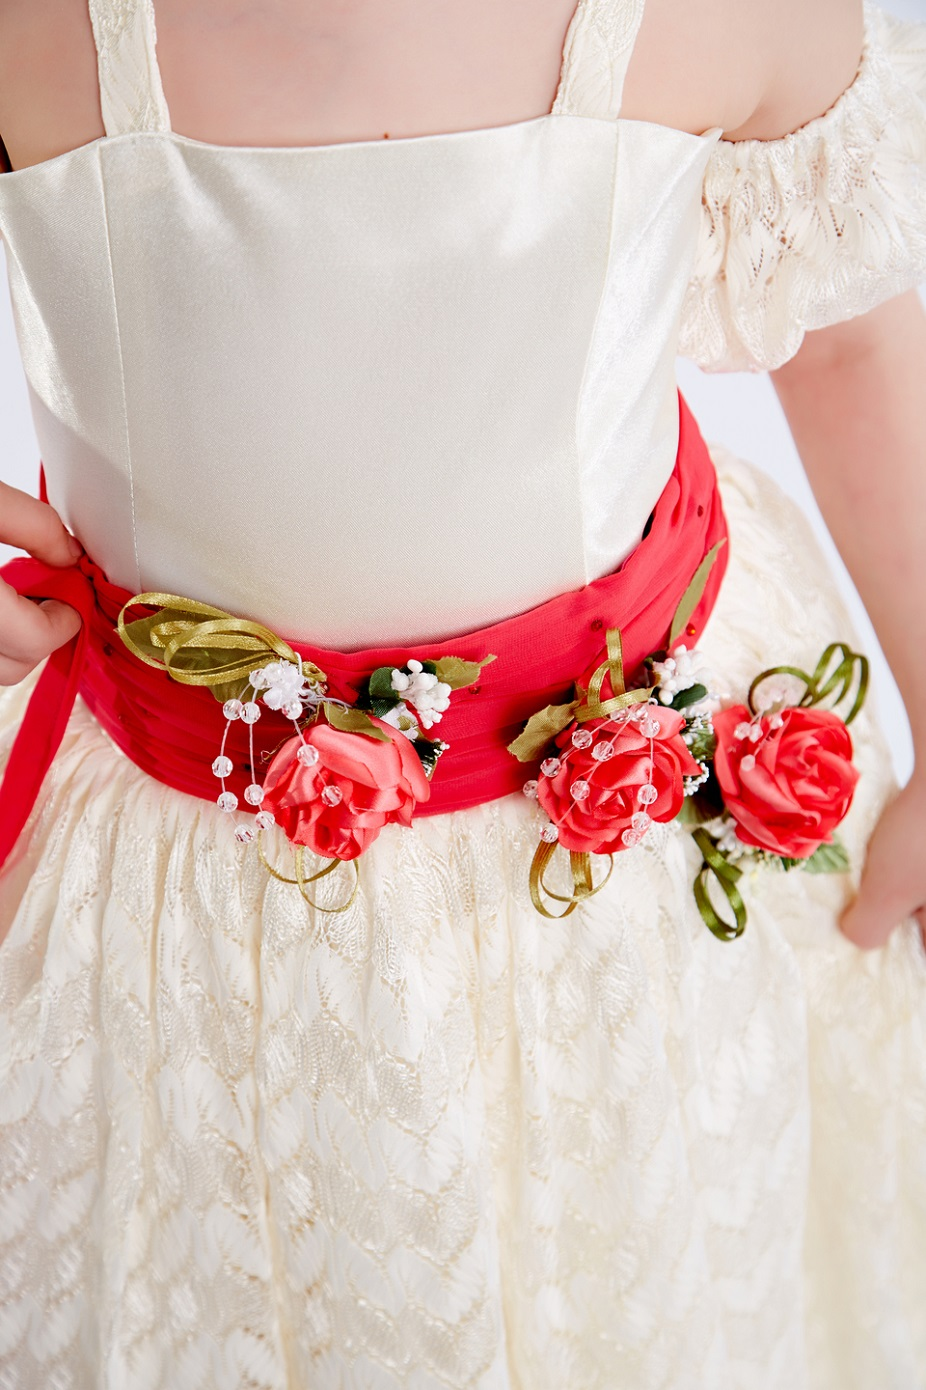 Пояс для платья своими руками из ткани: как сшить с фото и видео 14